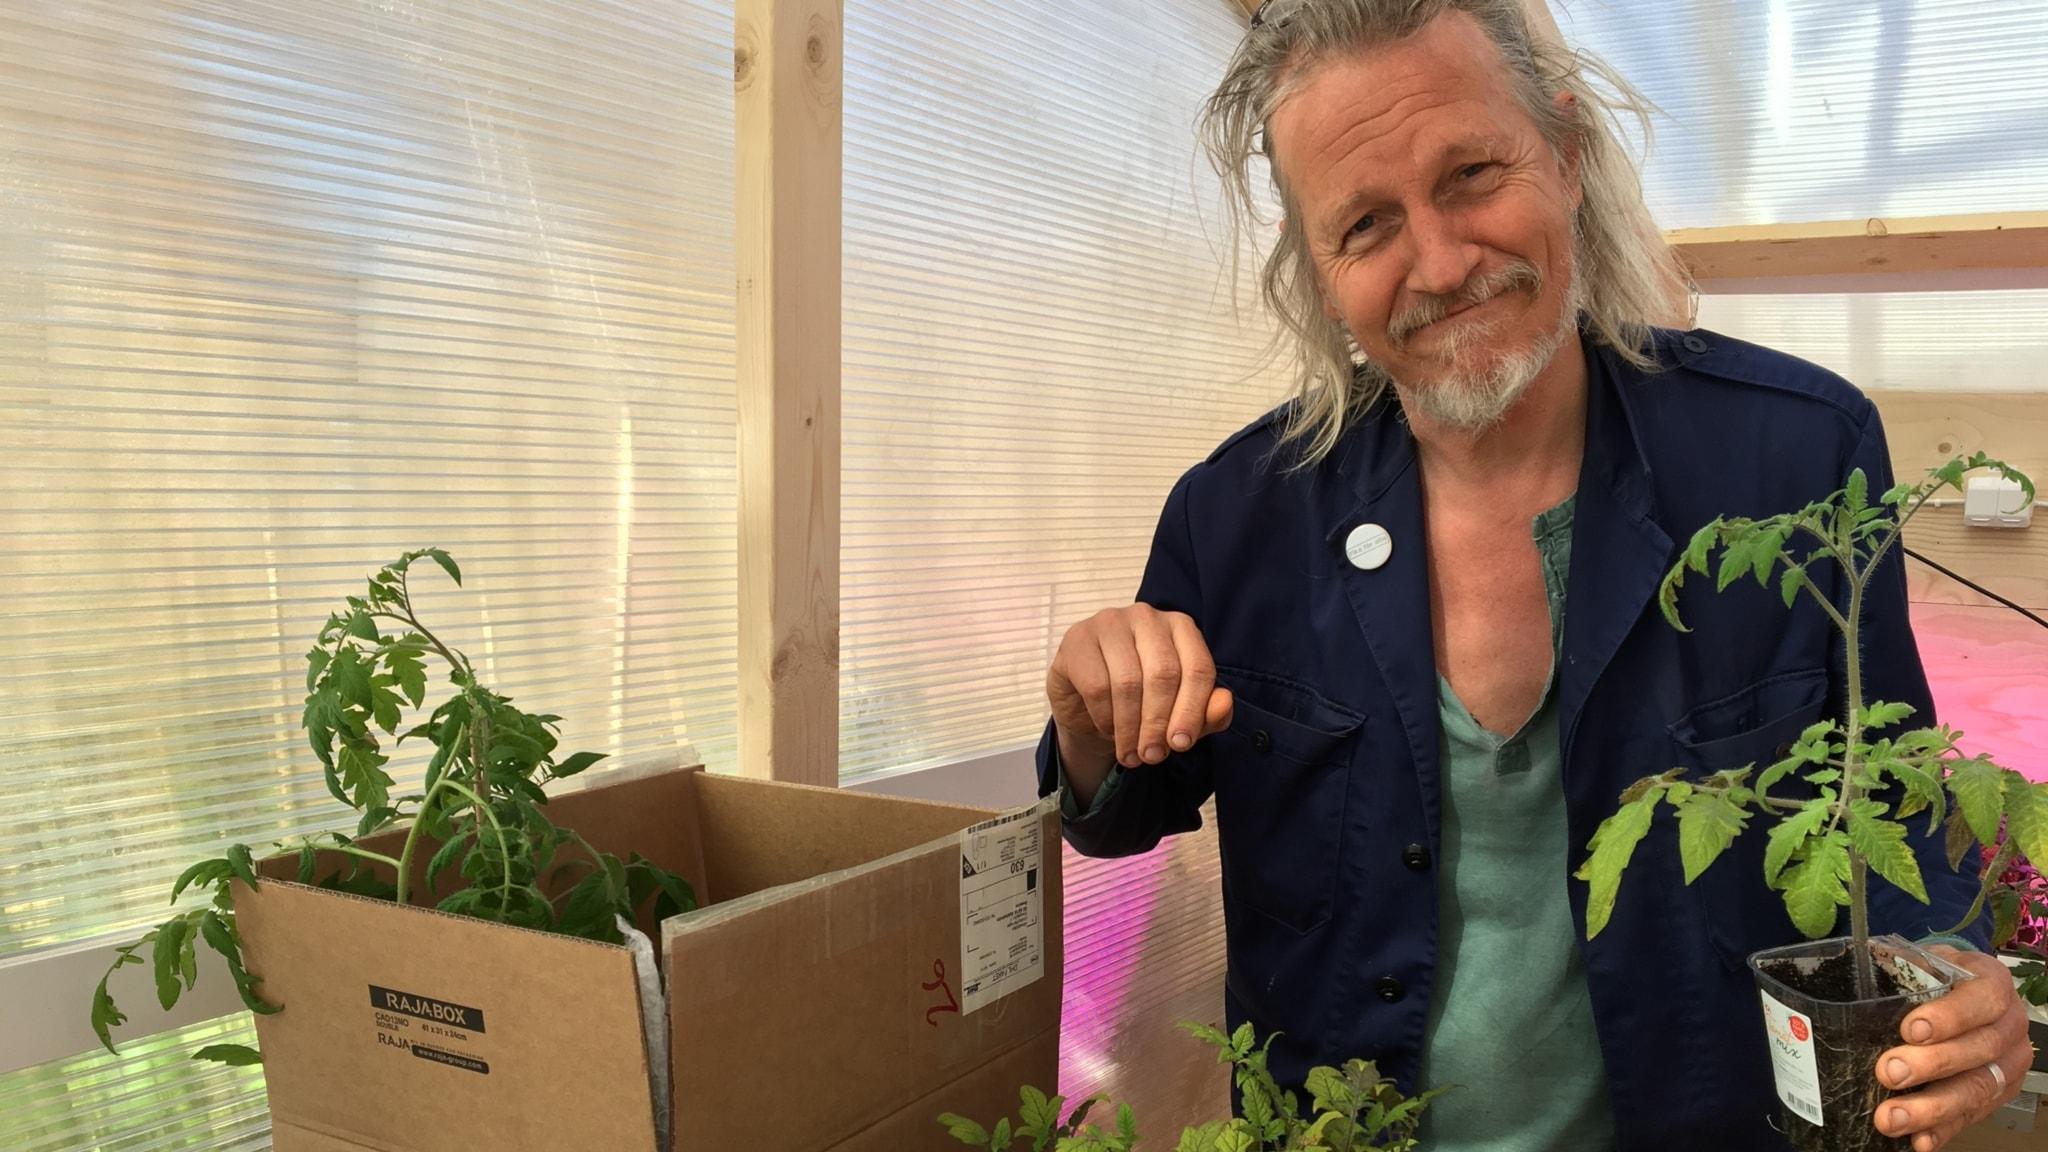 Stefan sundström med en tomatplanta i handen och en i kartong